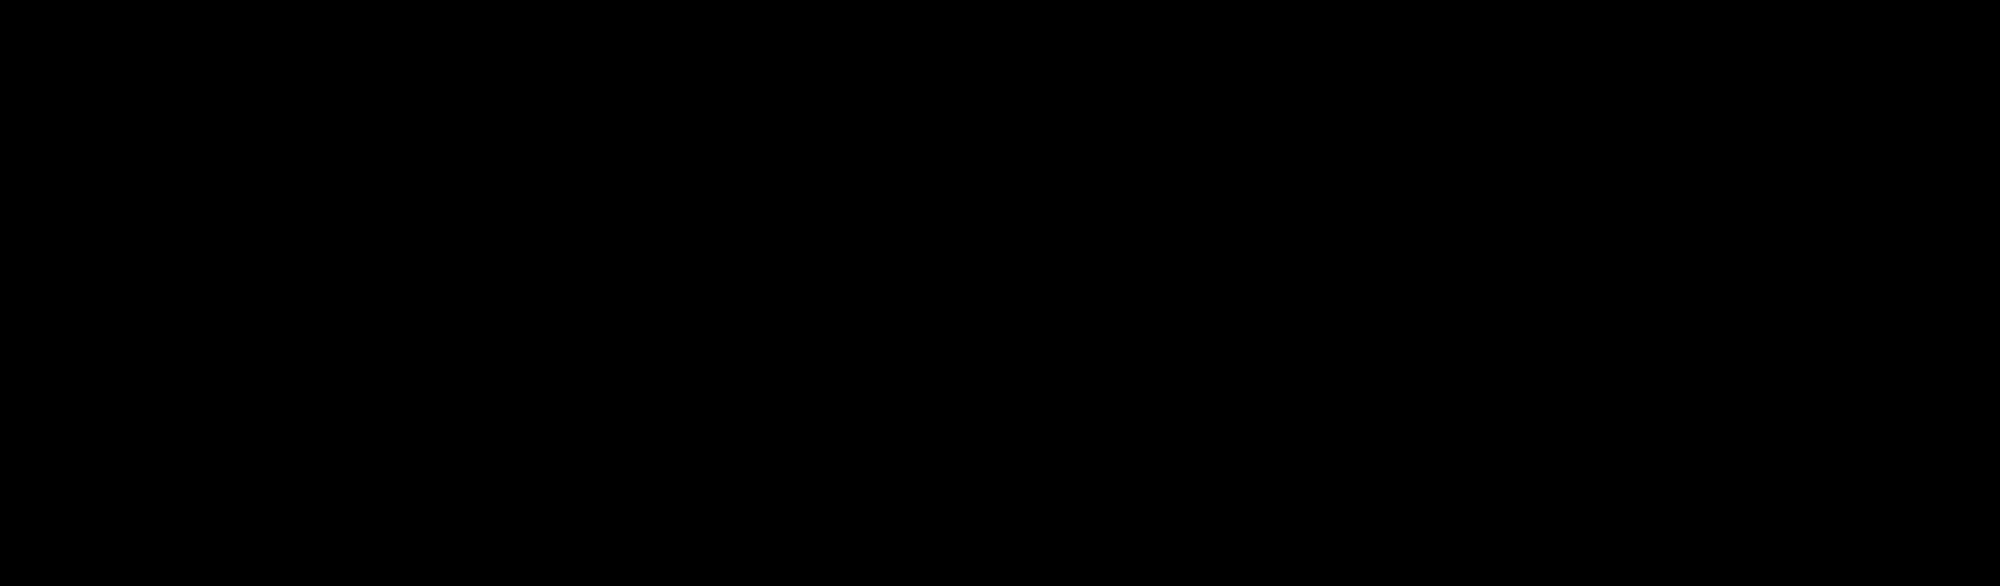 wpix 11 logo transparent.png